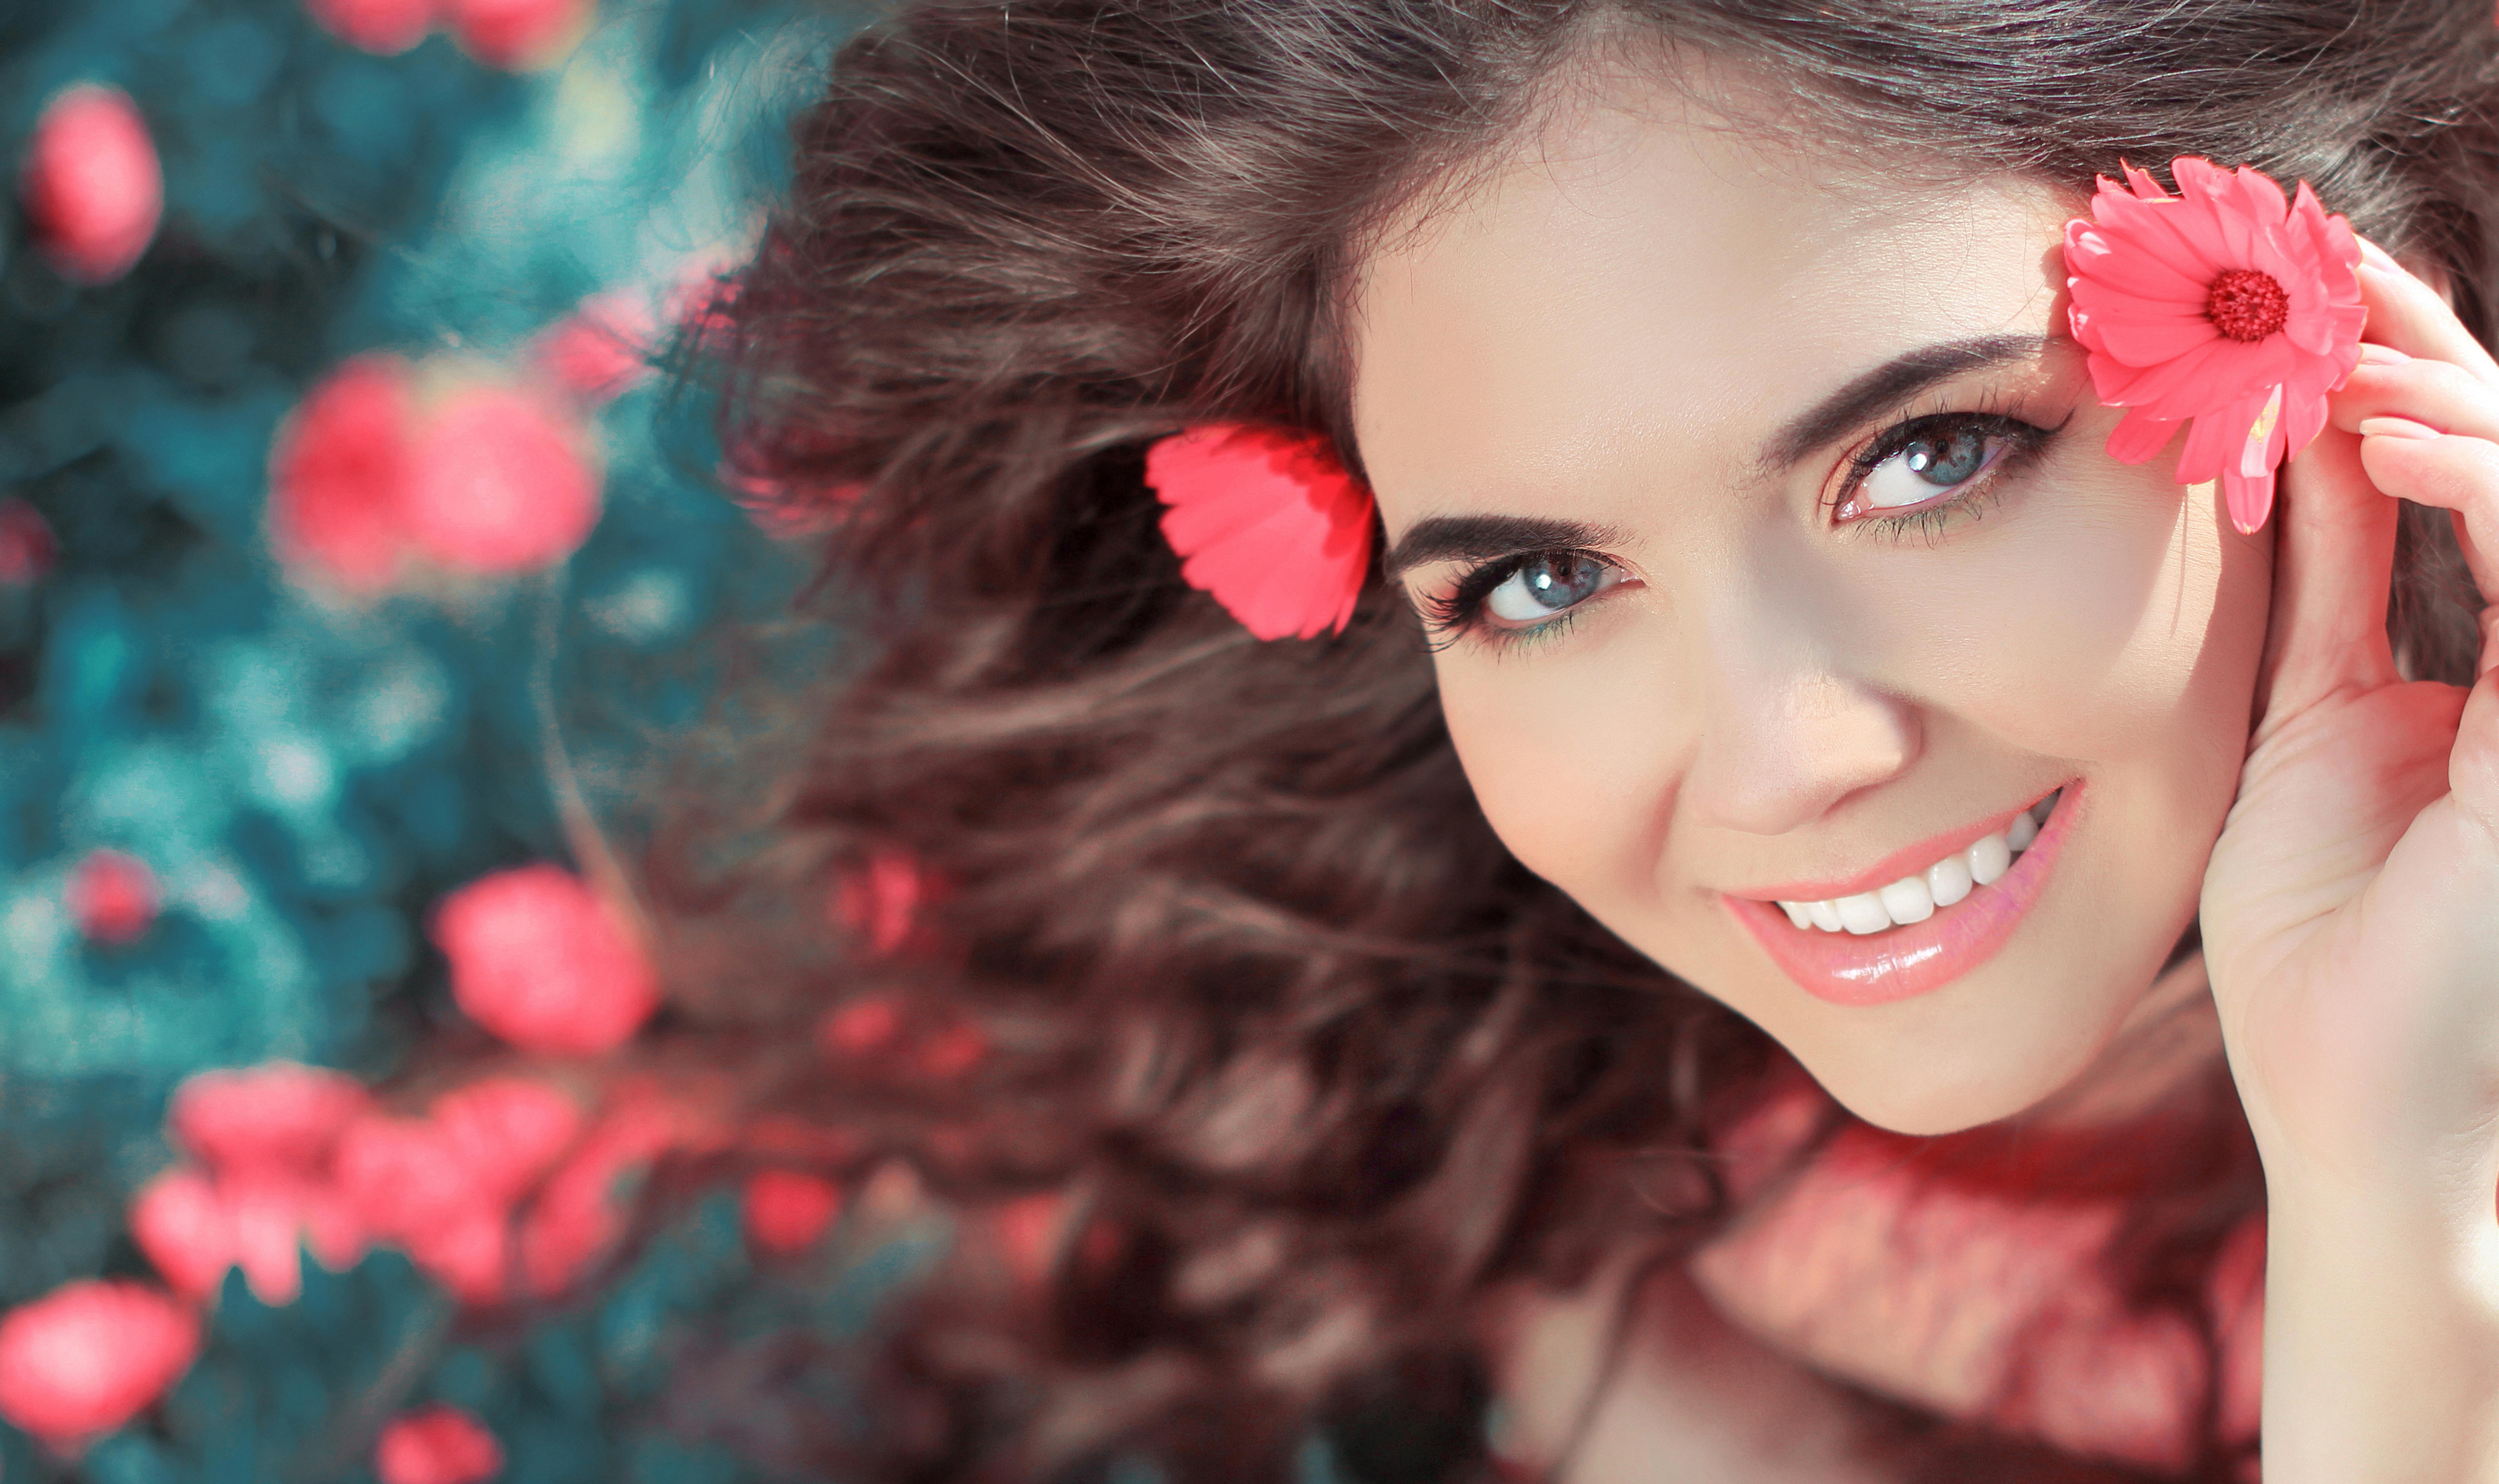 разработке фото цветы и улыбка сделать